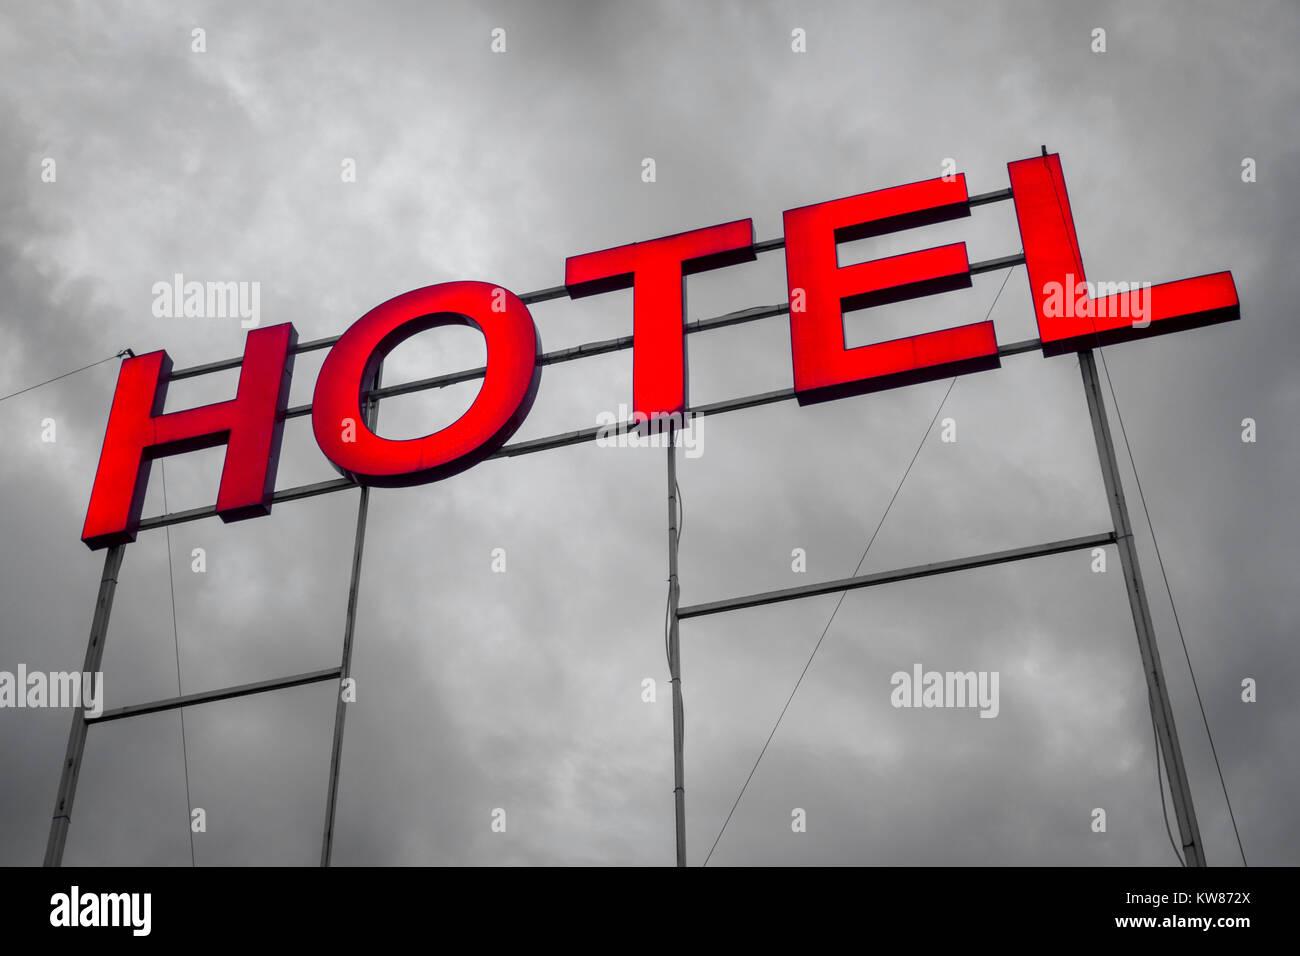 Gran hotel iluminada cartas signo contra un gris / blanco y negro B&W sky Foto de stock